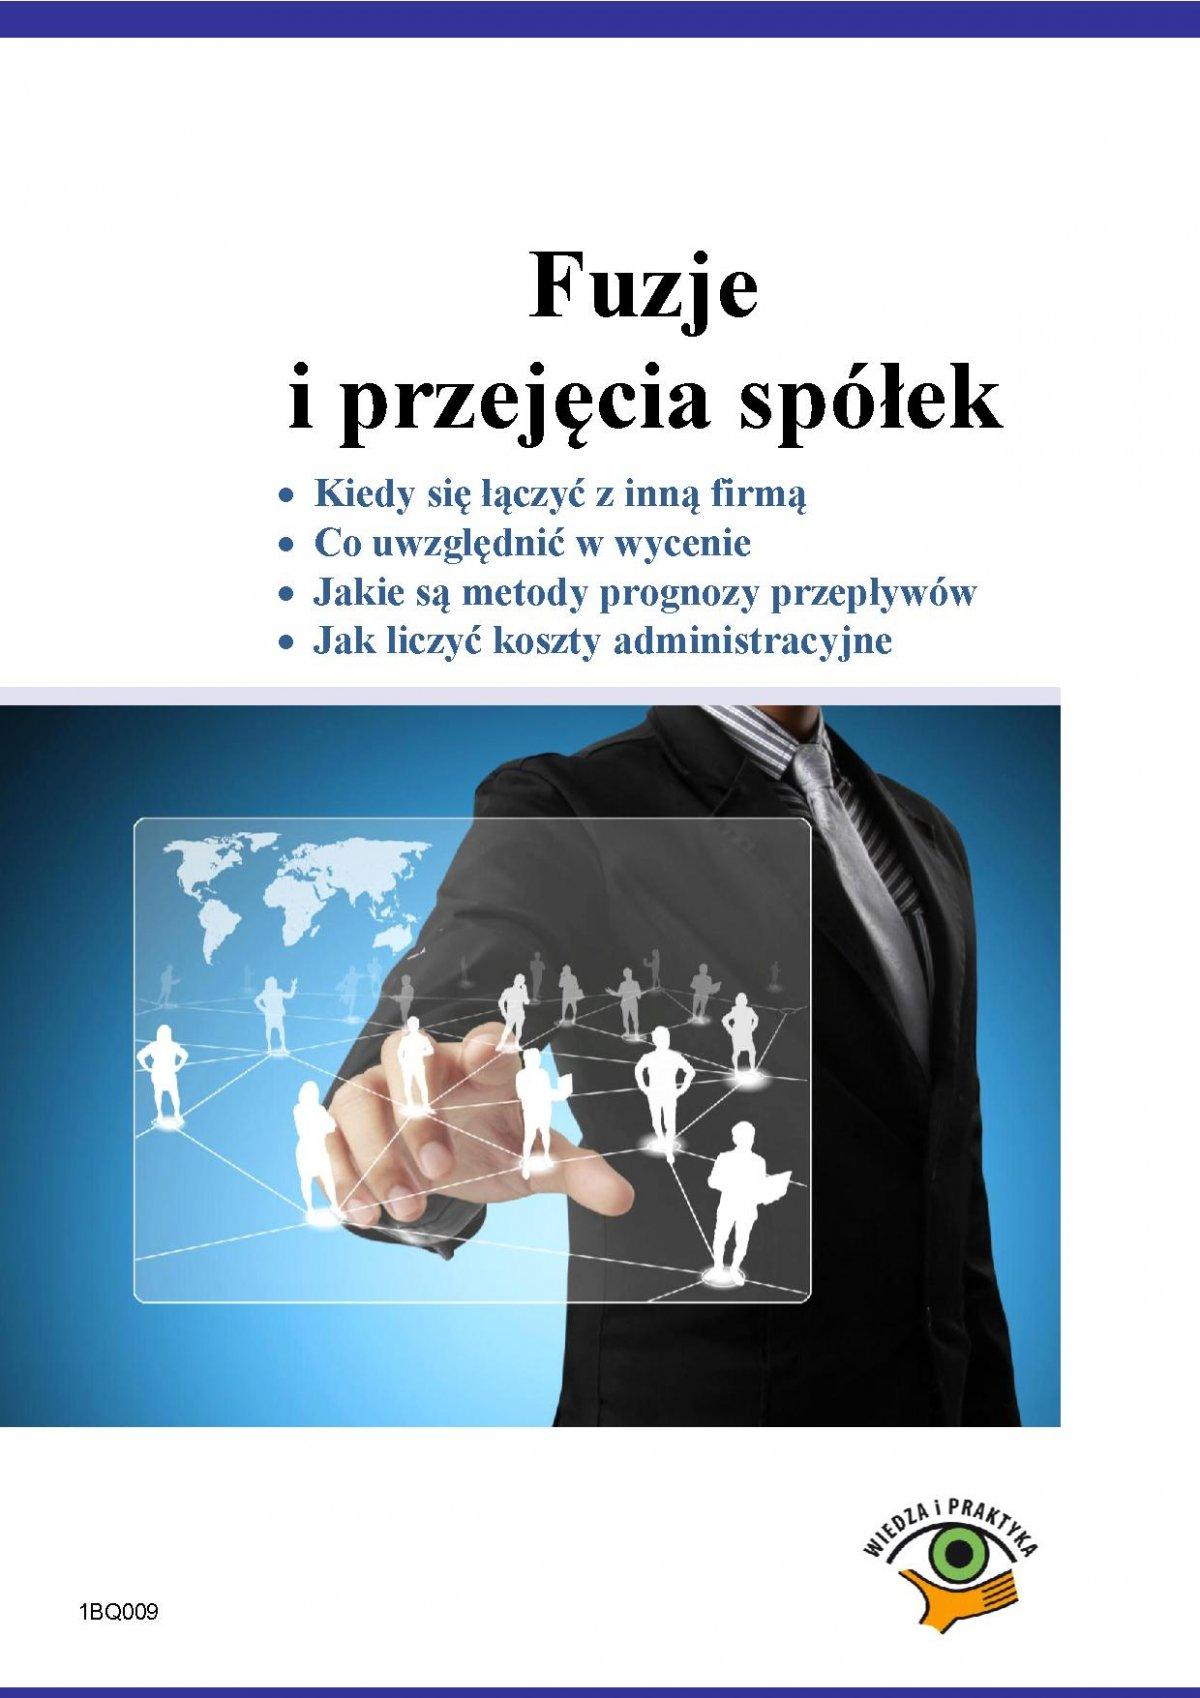 Fuzje i przejęcia spółek - Ebook (Książka PDF) do pobrania w formacie PDF